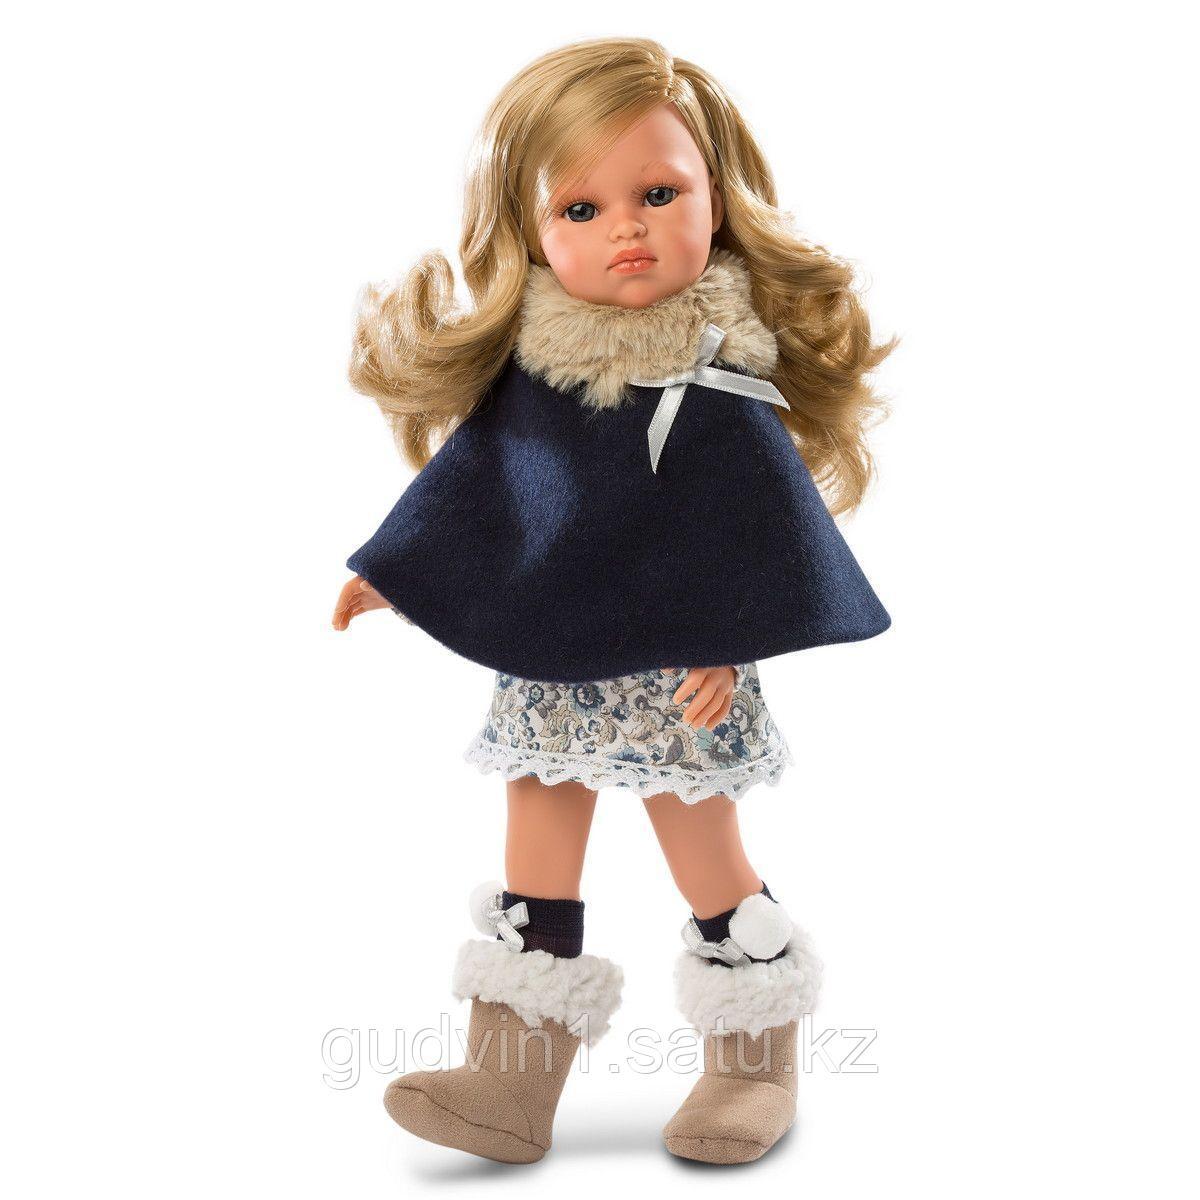 LLORENS: Кукла Оливия 37см, блондинка в синей накидке 53702